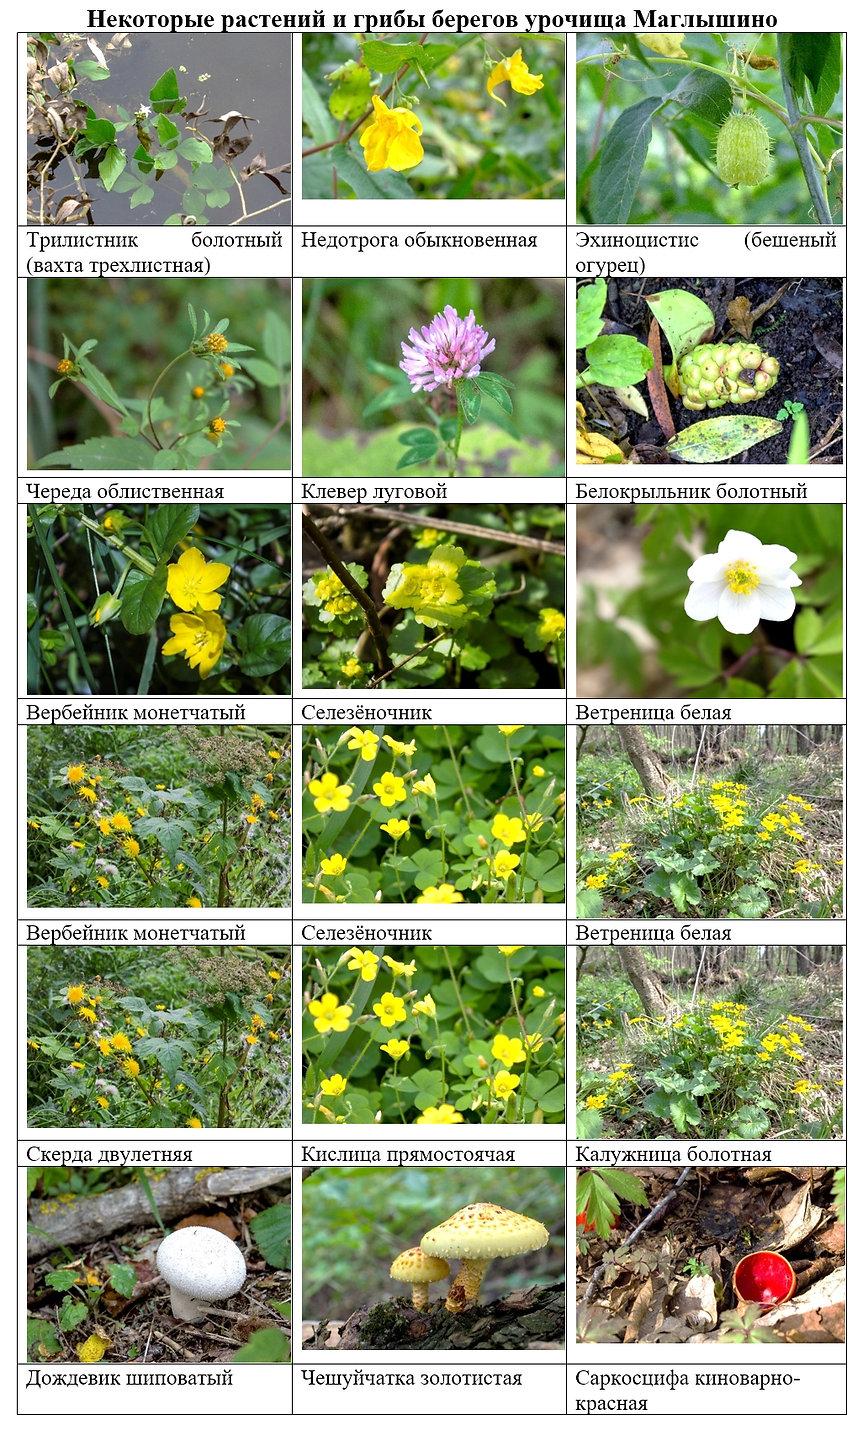 Приложение 2 Маглышино растения.jpg